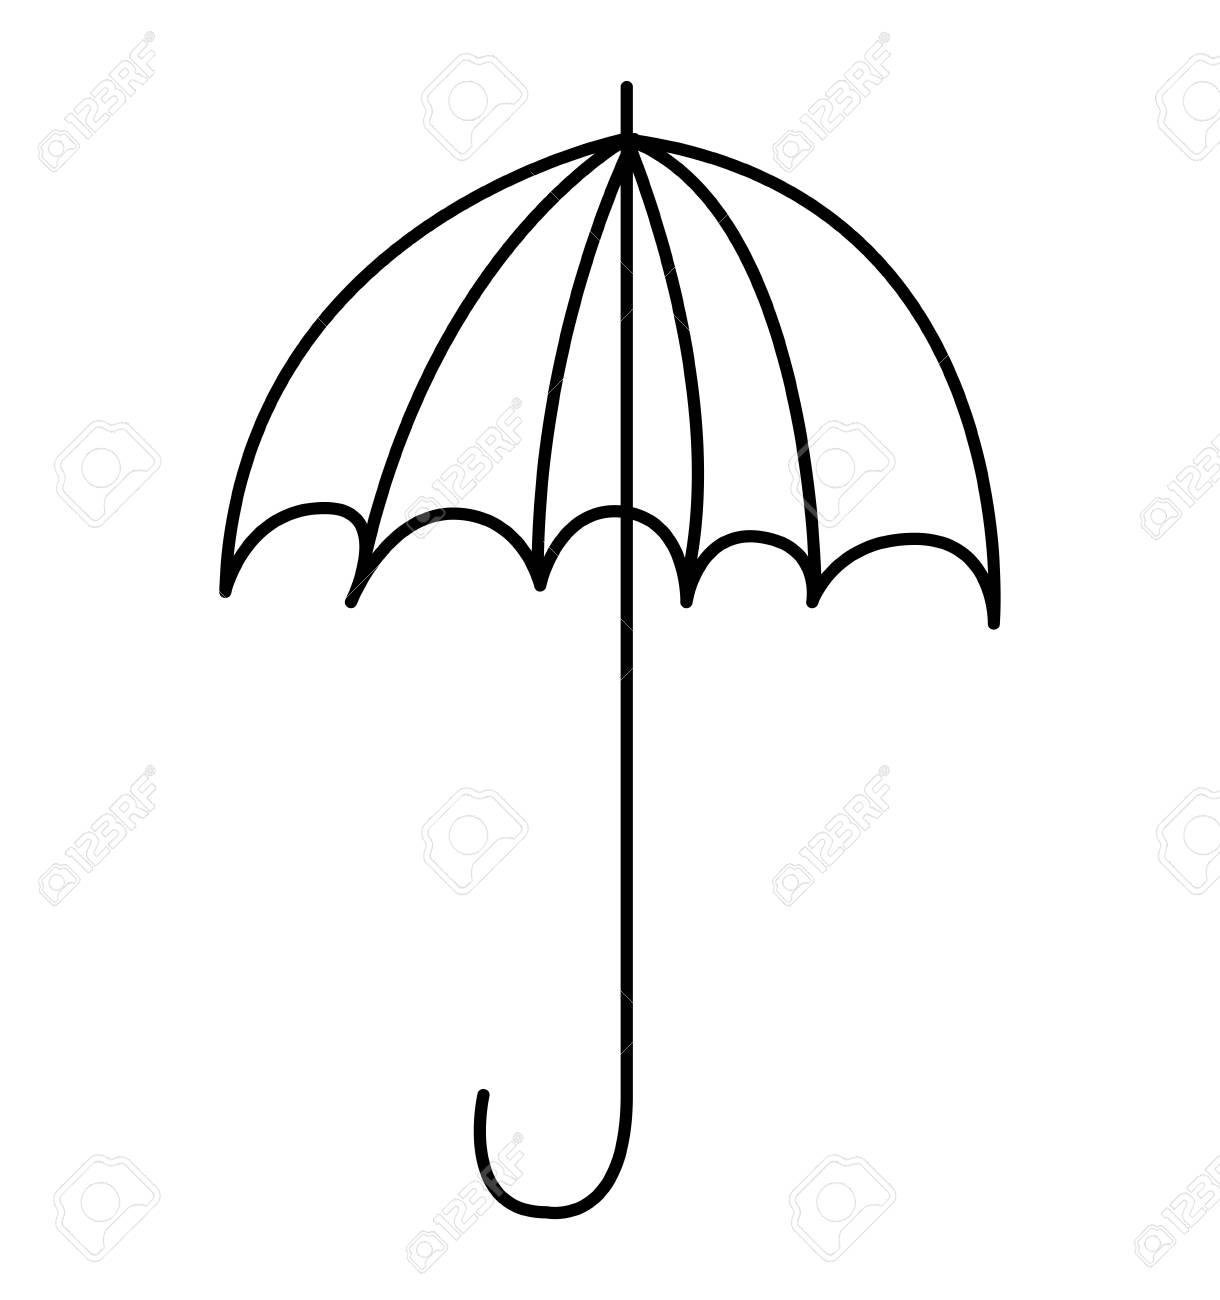 Banque dimages parapluie dessin icône mignonne illustration vectorielle conception